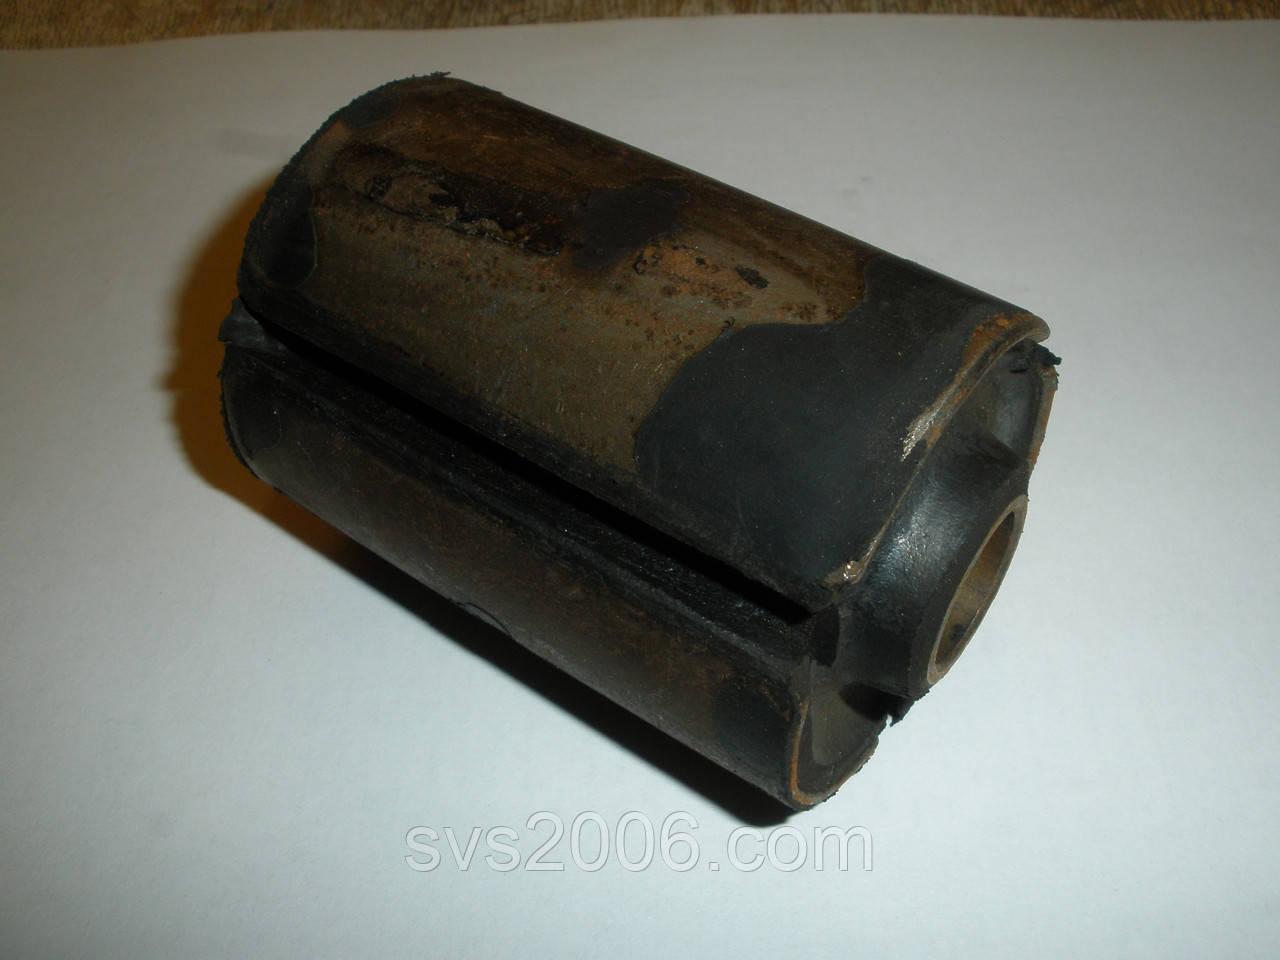 Втулка ушка рессоры ГАЗ 3302, сайлентблок